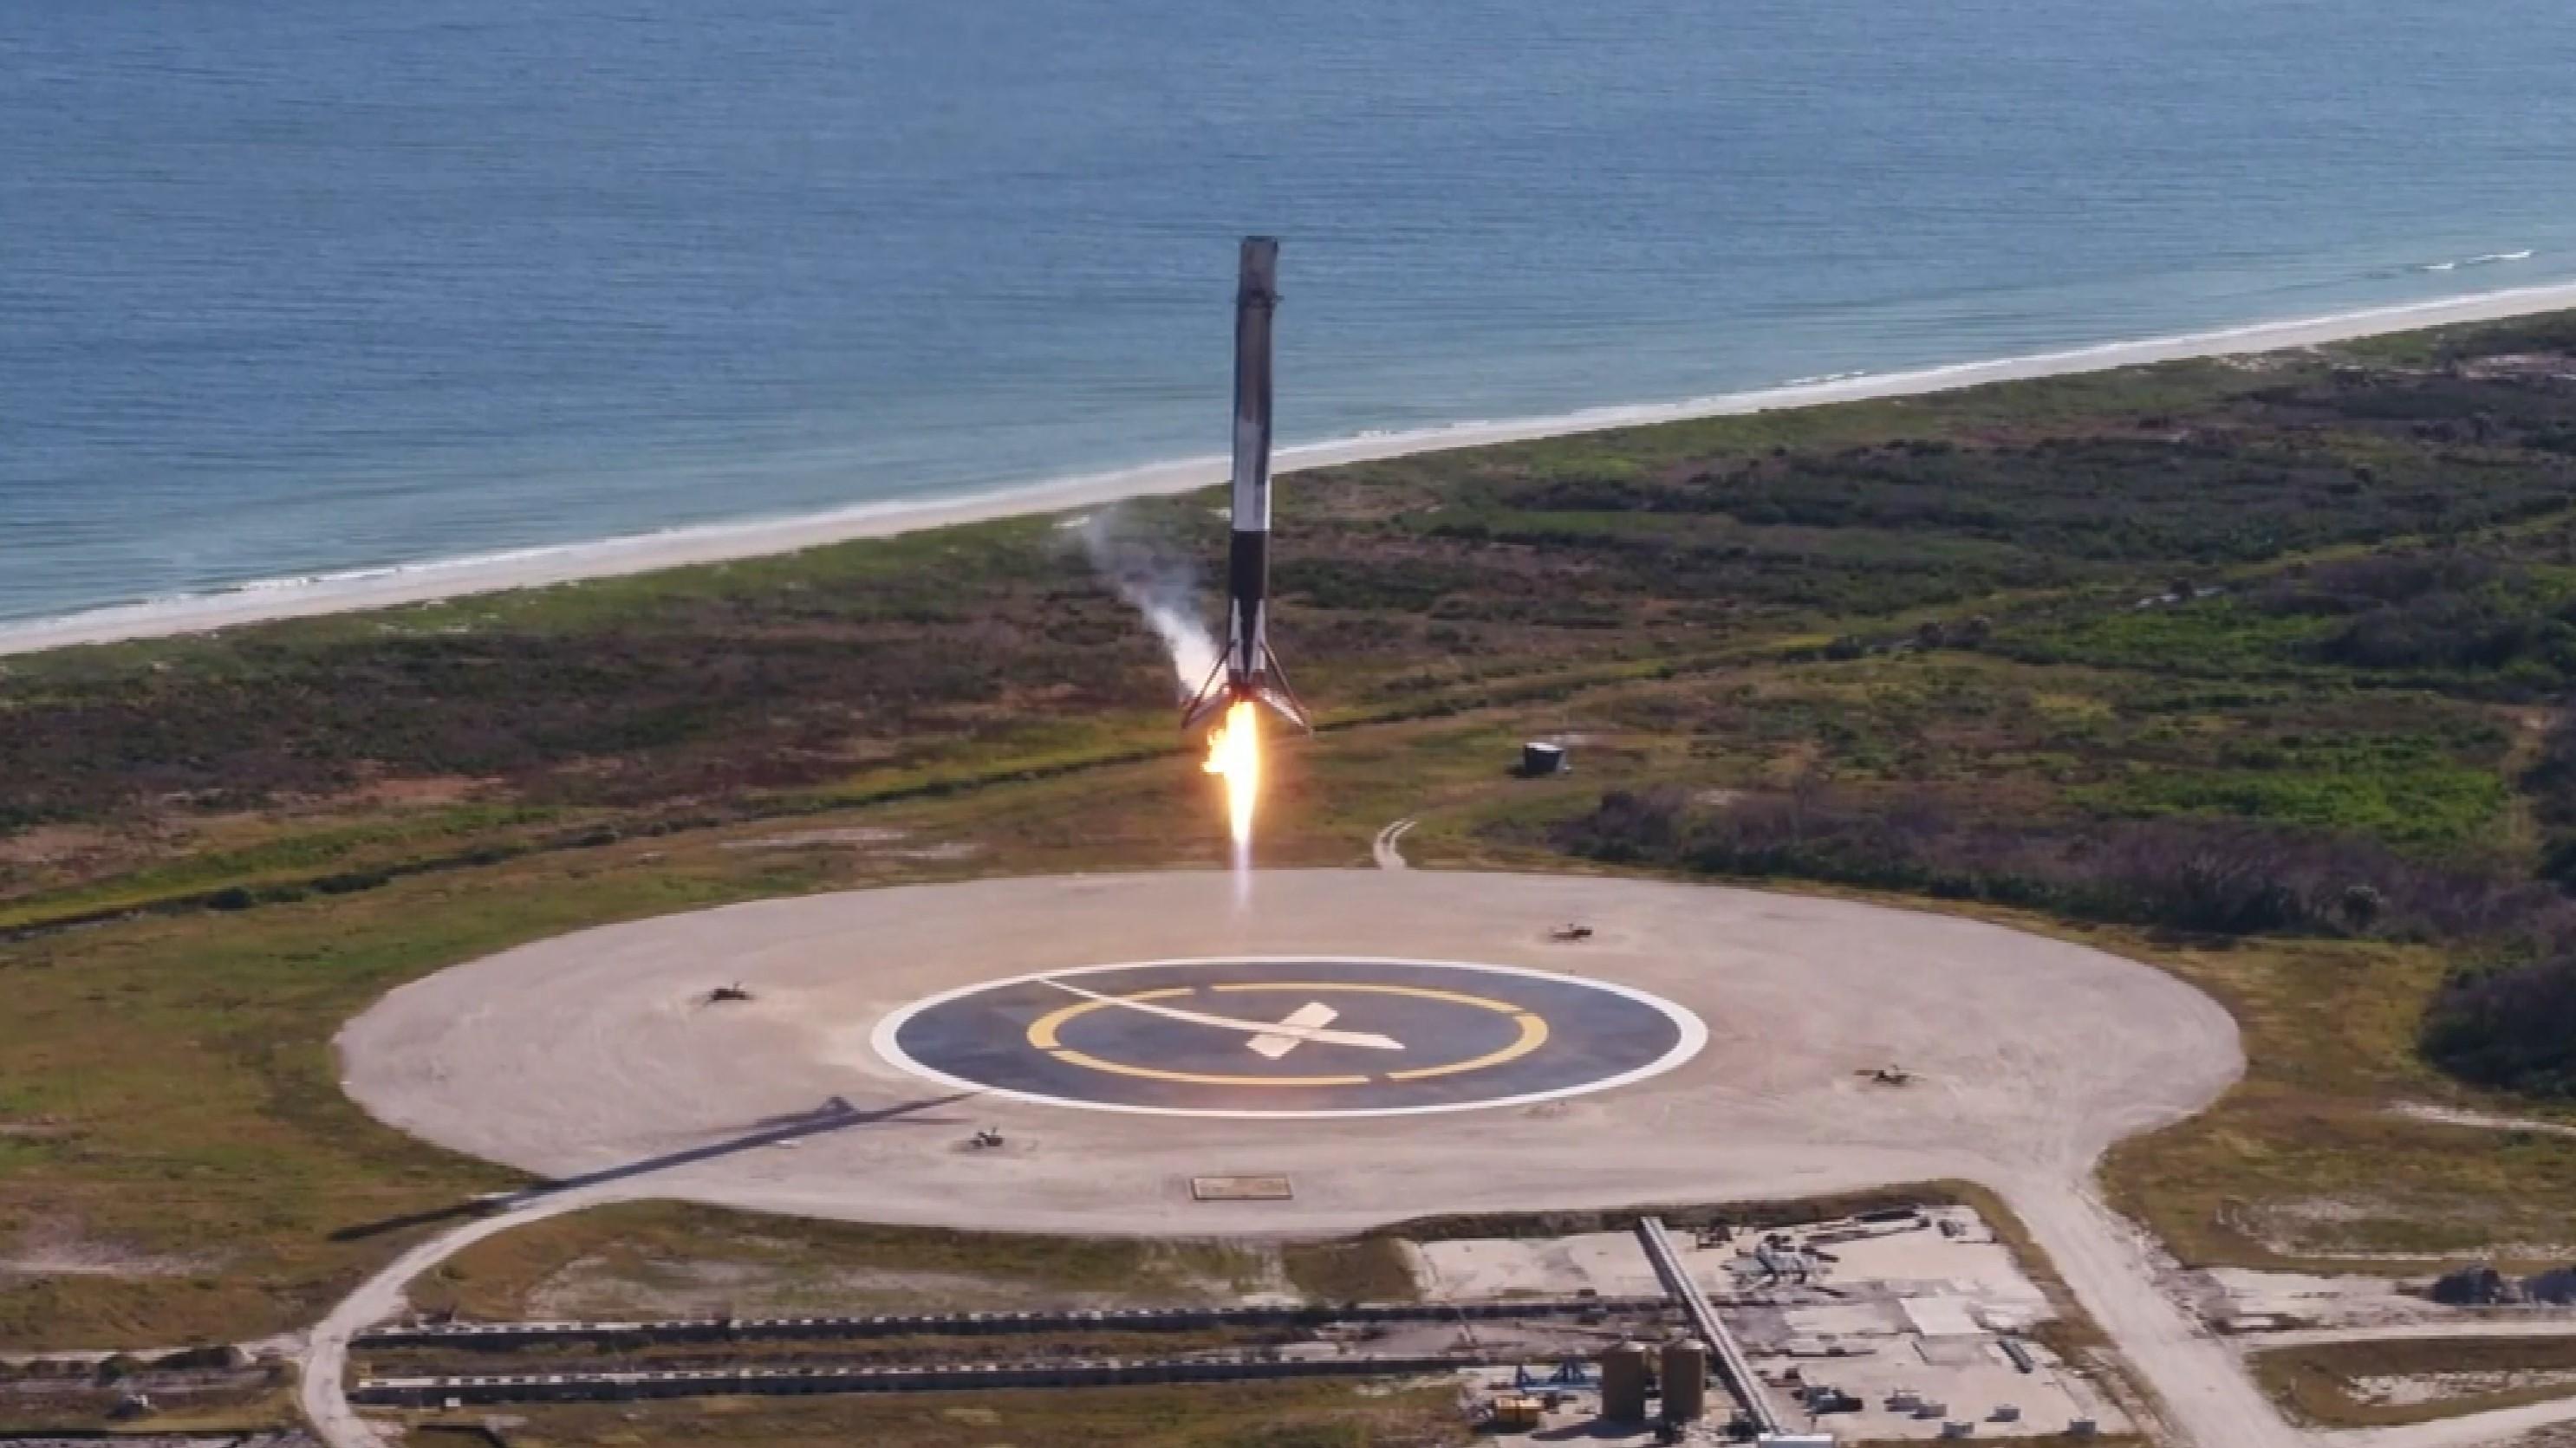 1035 landing (NASA)